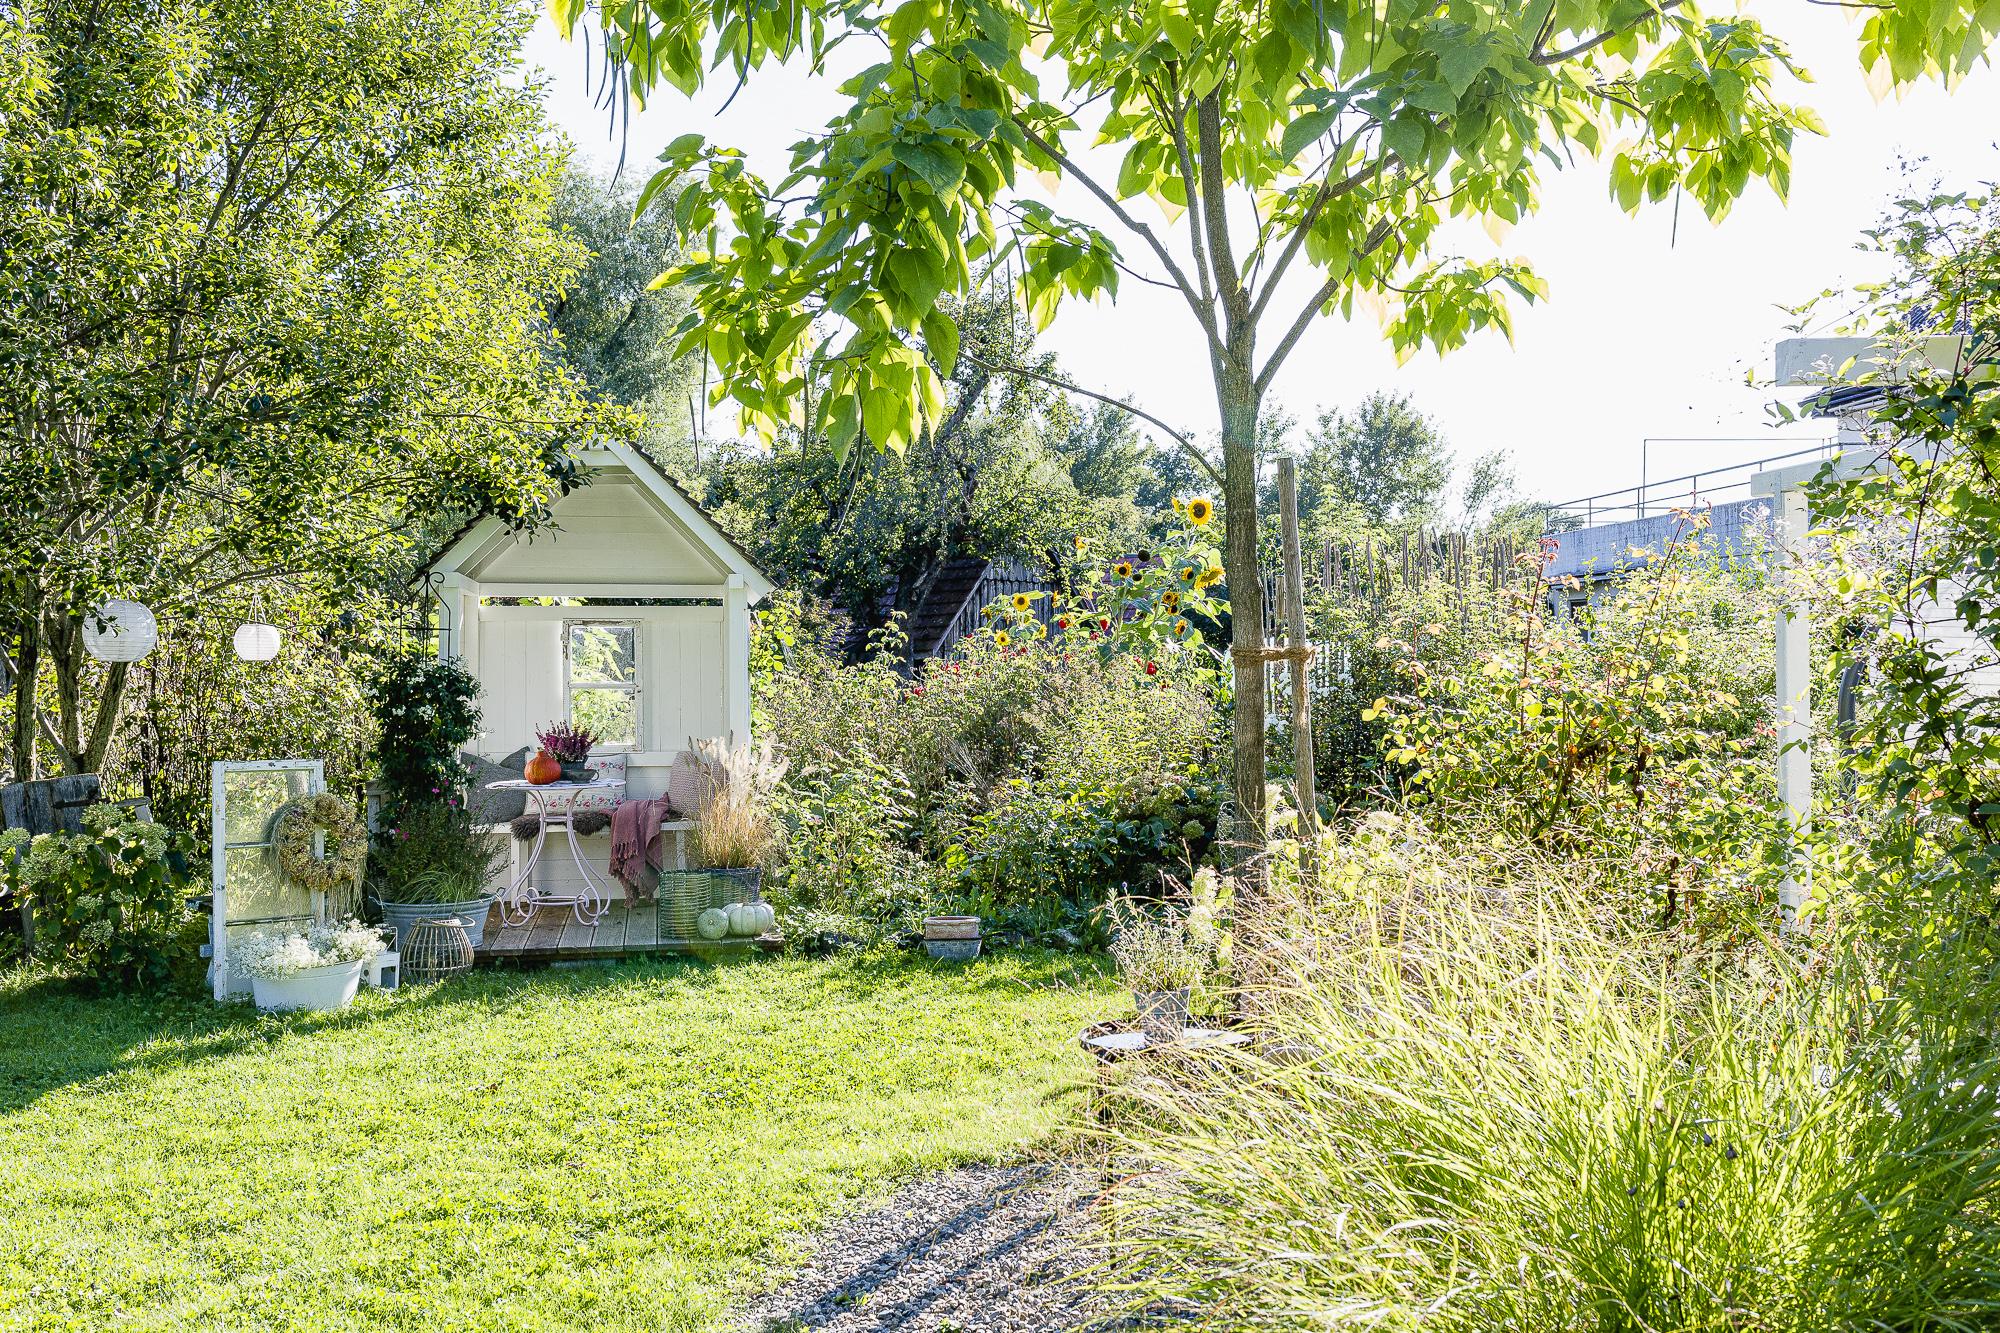 Gartenlaube im Herbst, Pomponetti